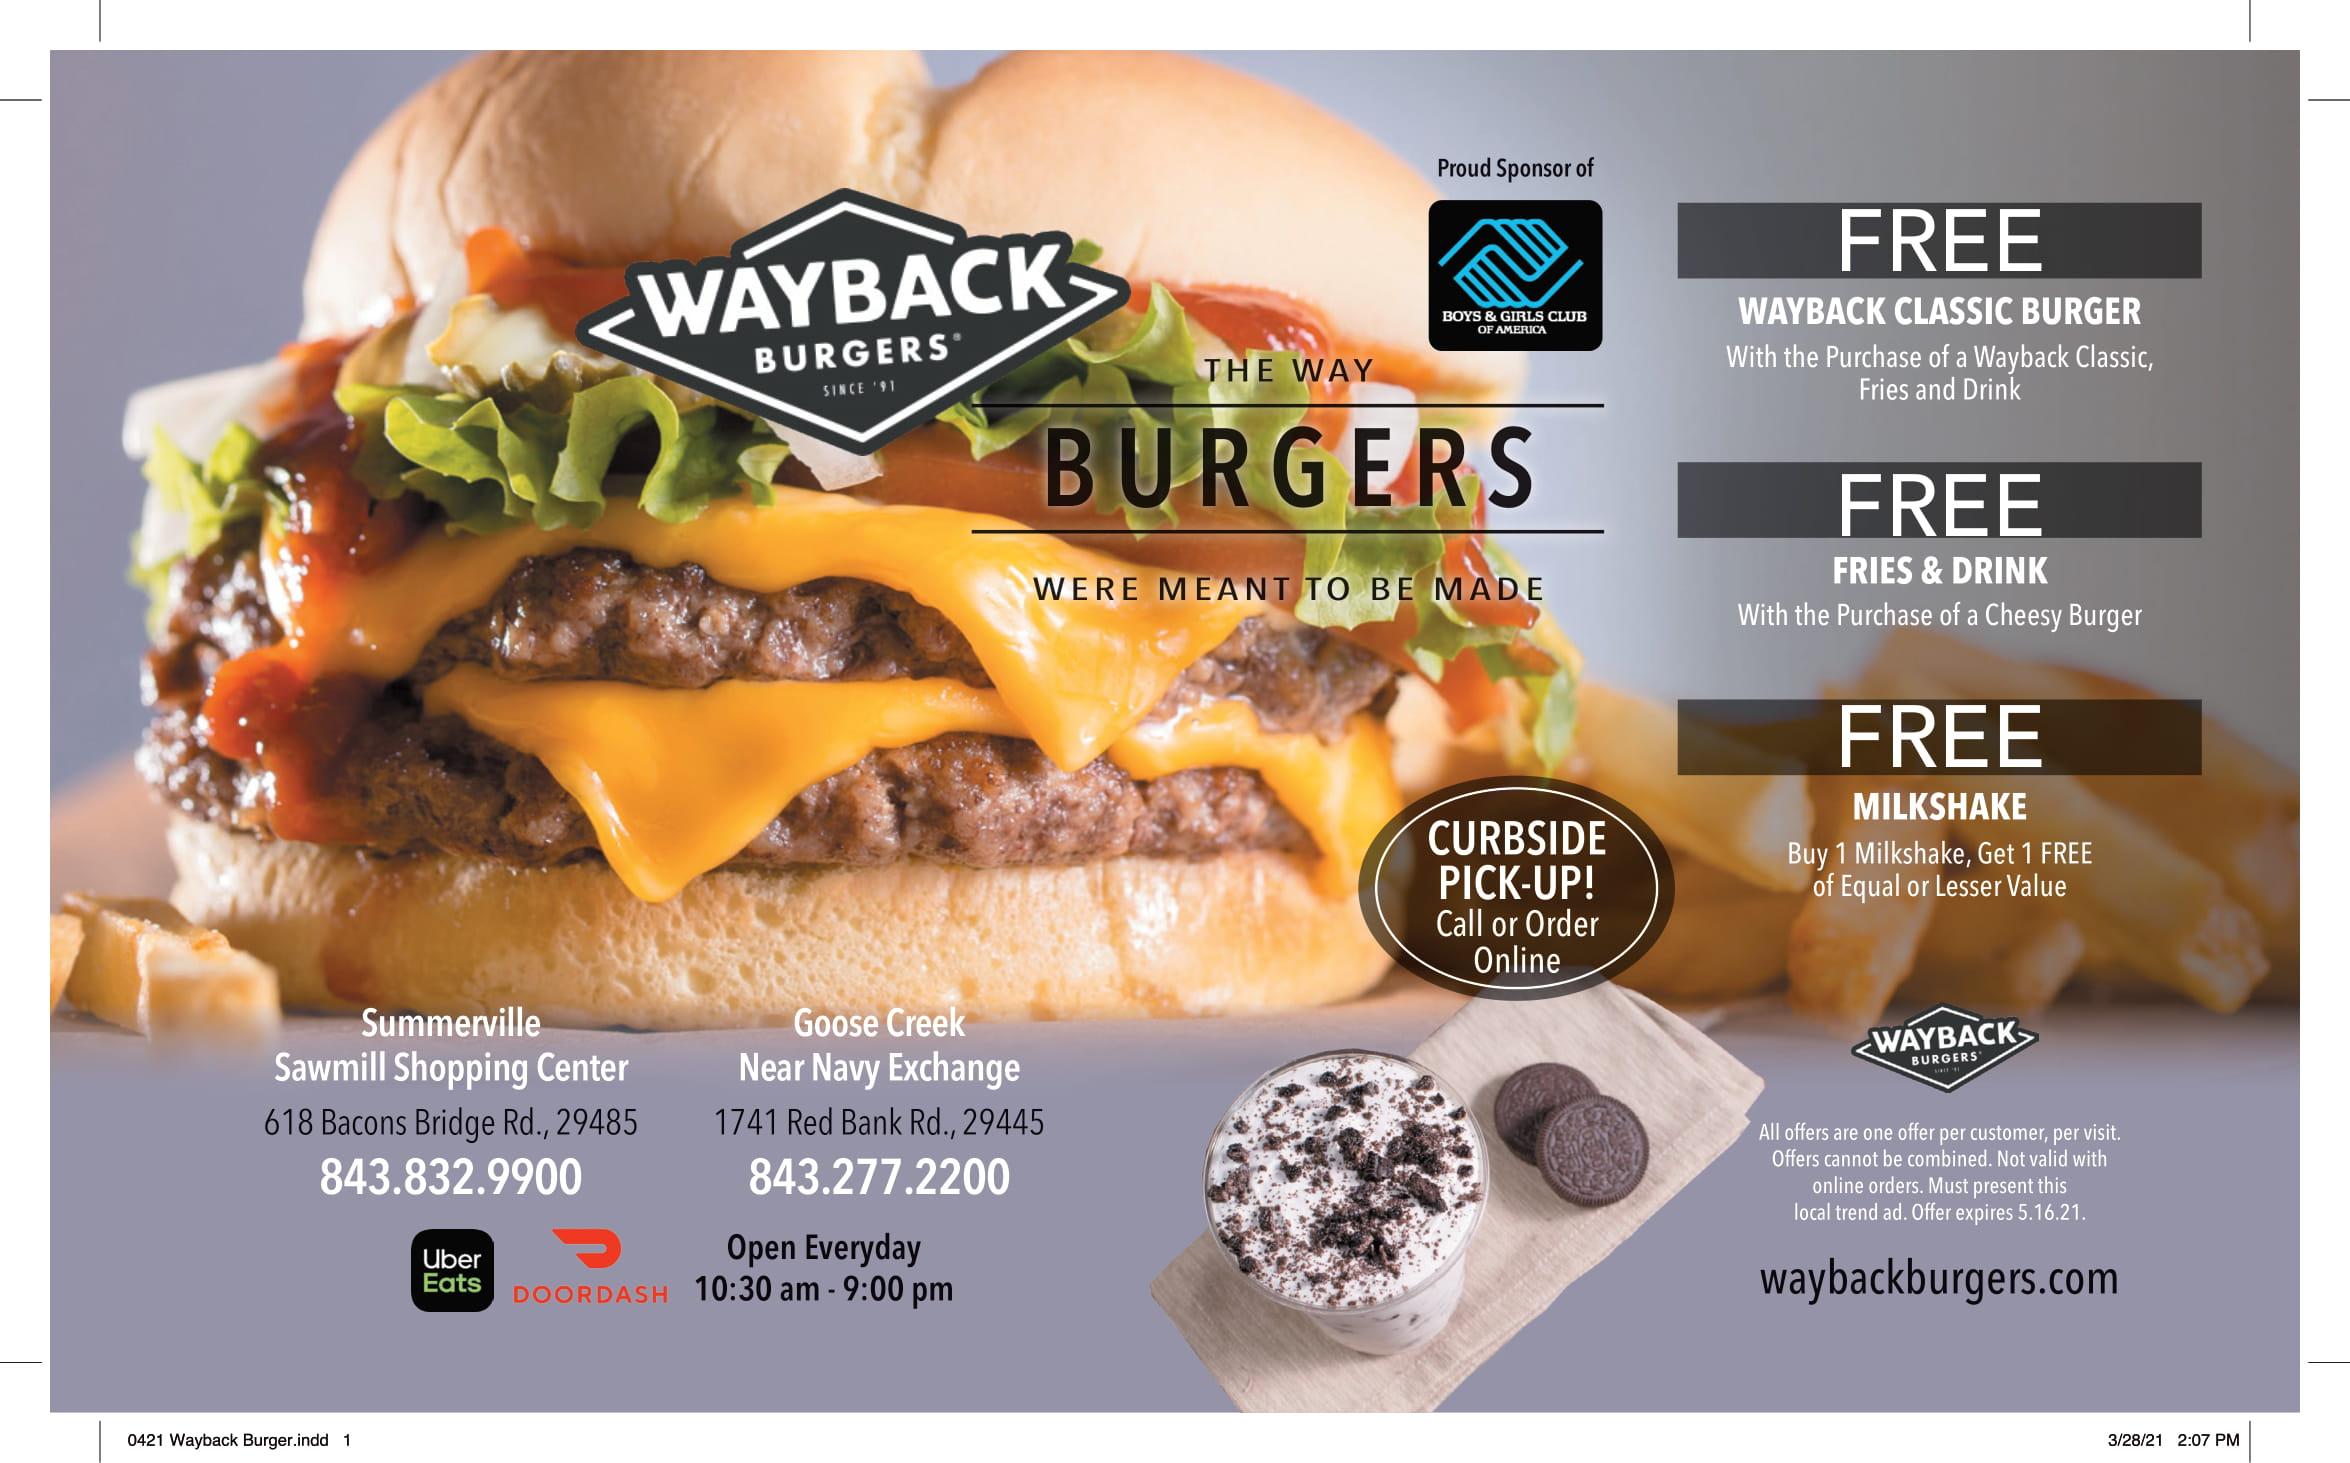 0421 Wayback Burger 1